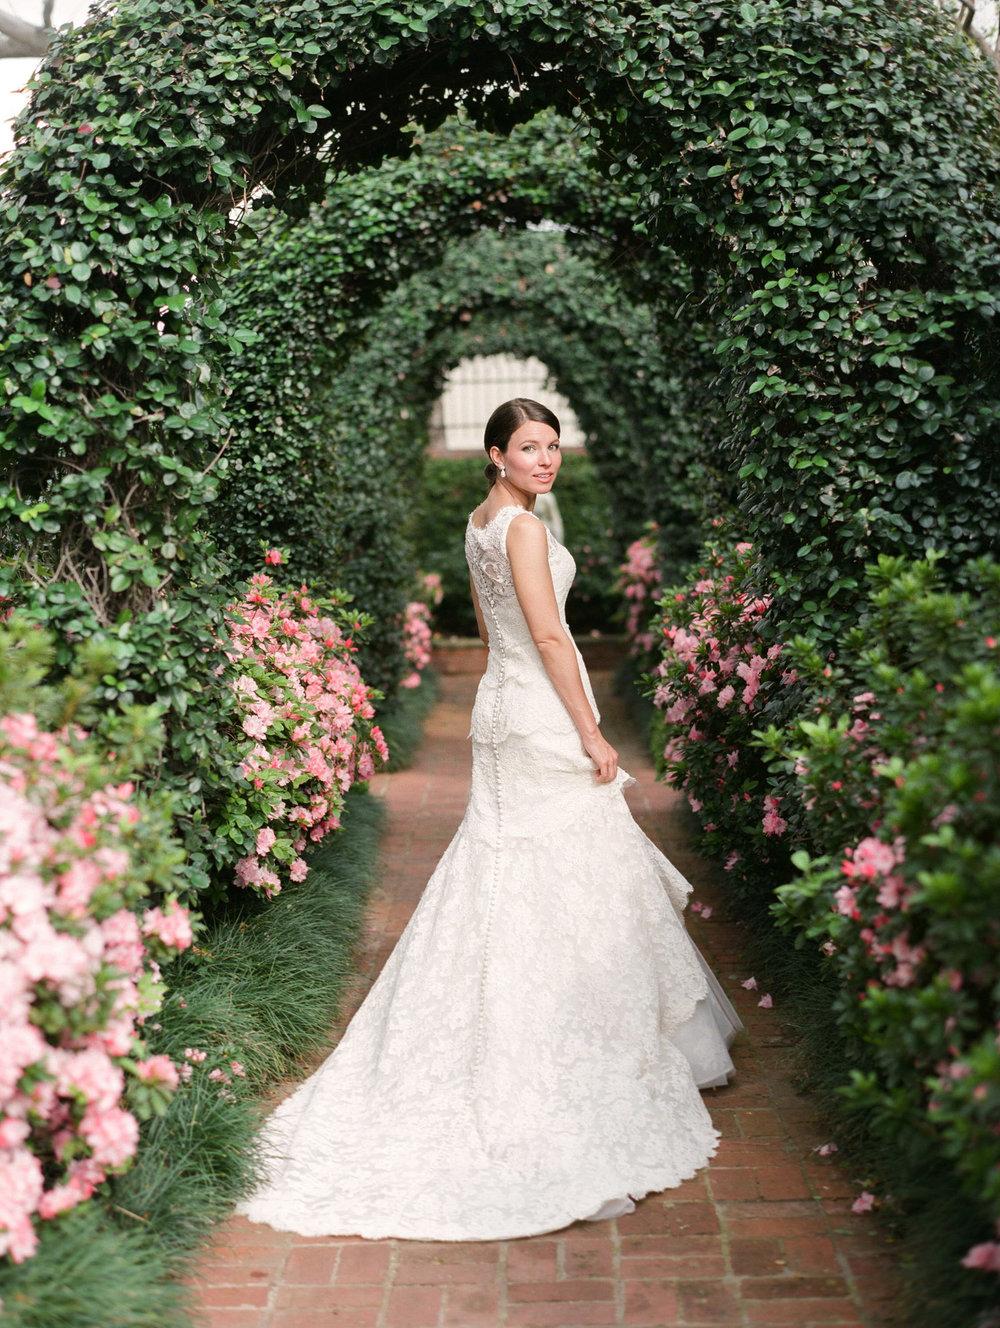 0009_0009_Houston-River-Oaks-Garden-Film-Bridal-Photographer.jpg